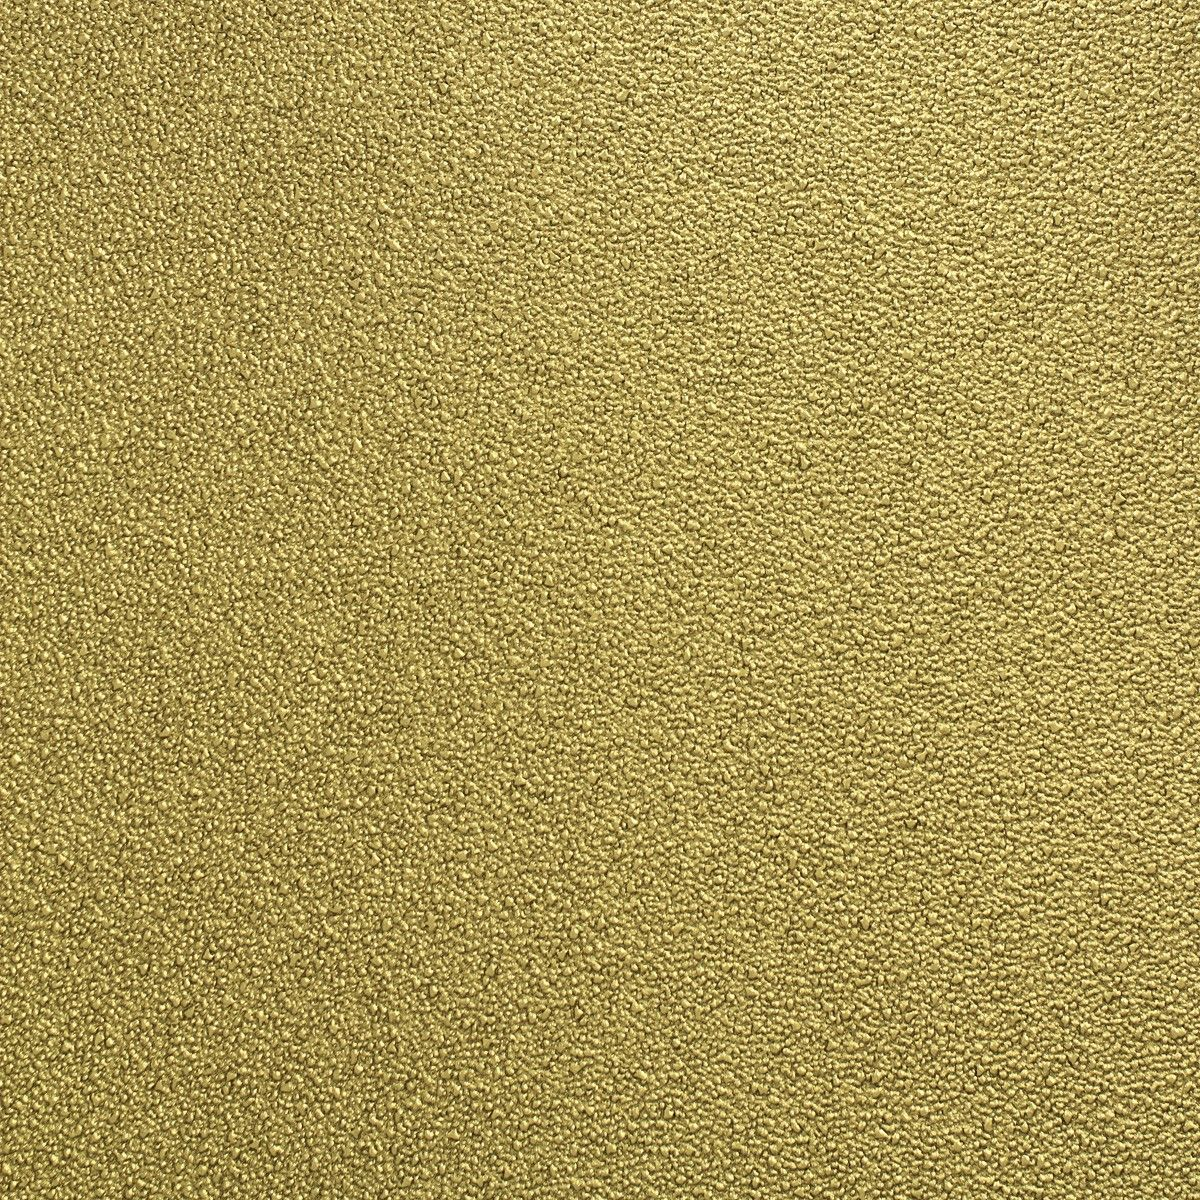 Tapete Gold glööckler tapeten gold uni struktur 52570 designer tapete